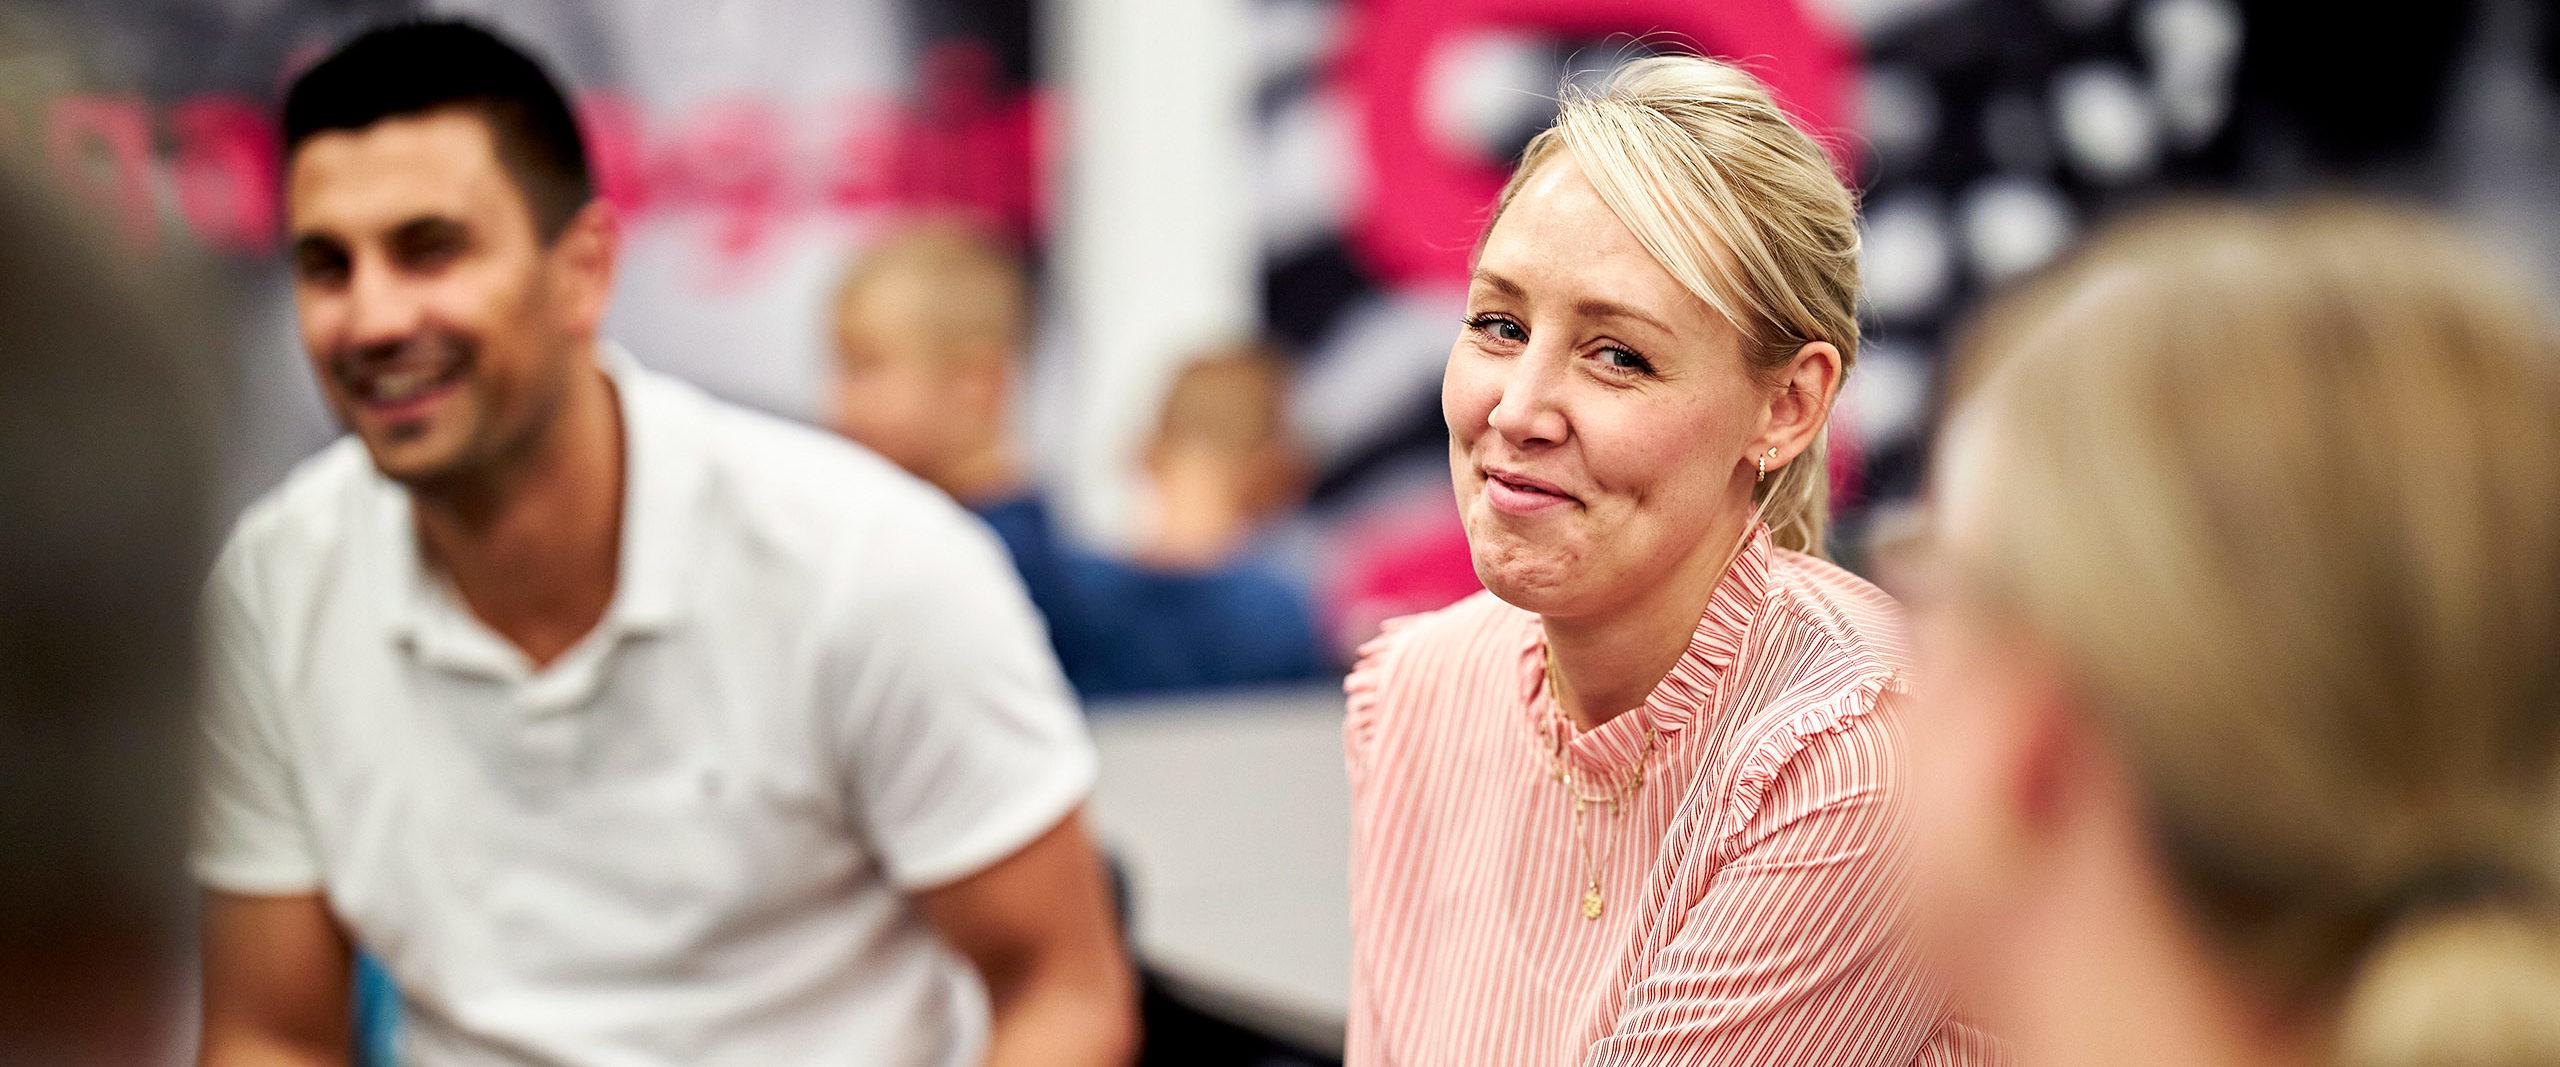 Kvinde smiler siddende i en forældregruppe